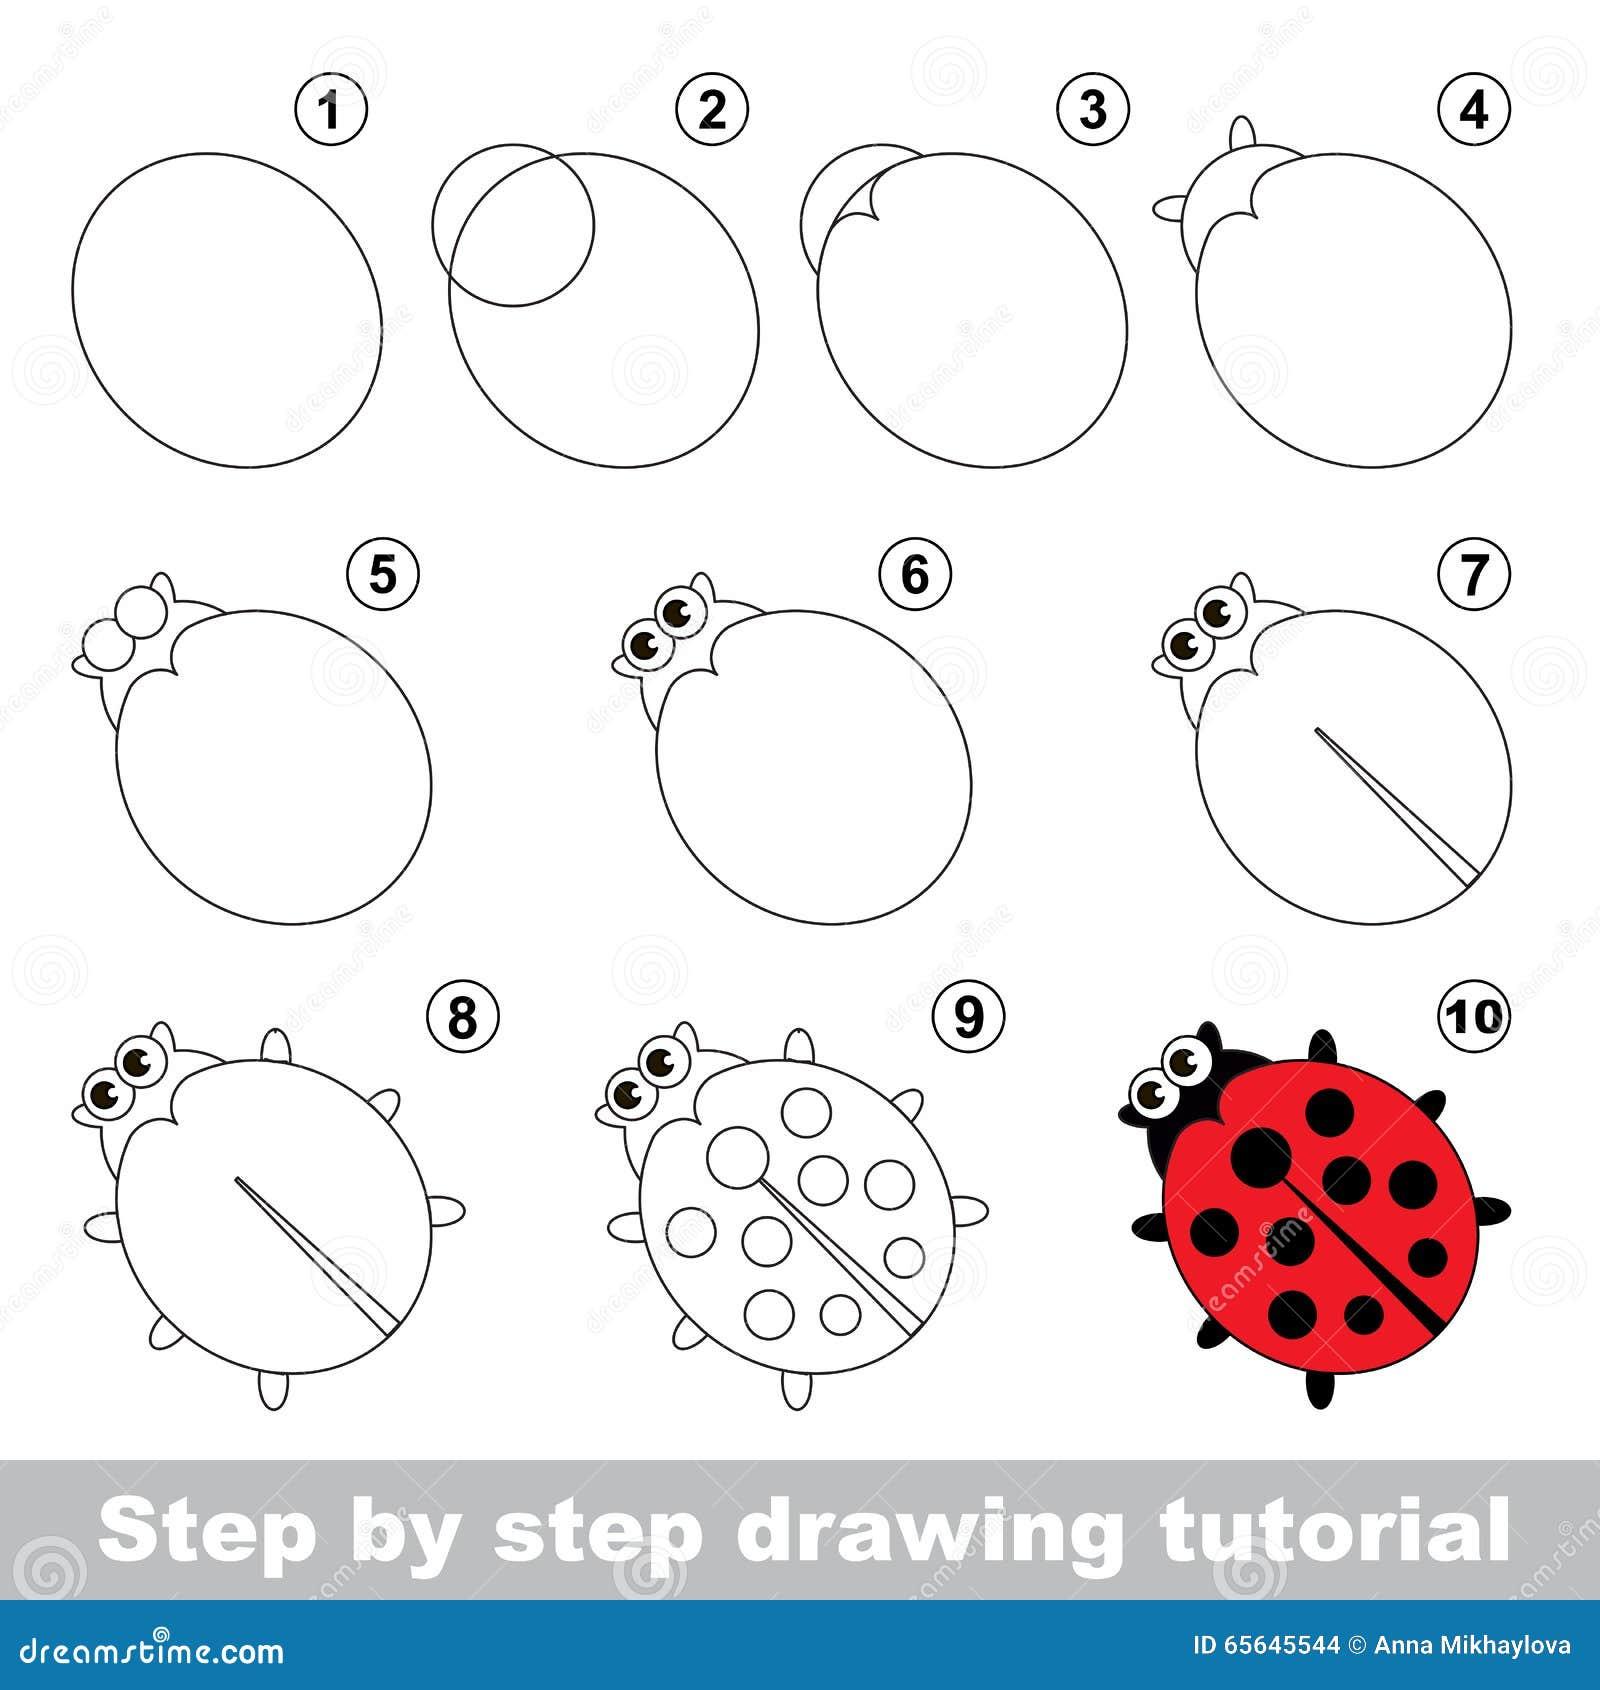 how to draw aj styles logo step by step